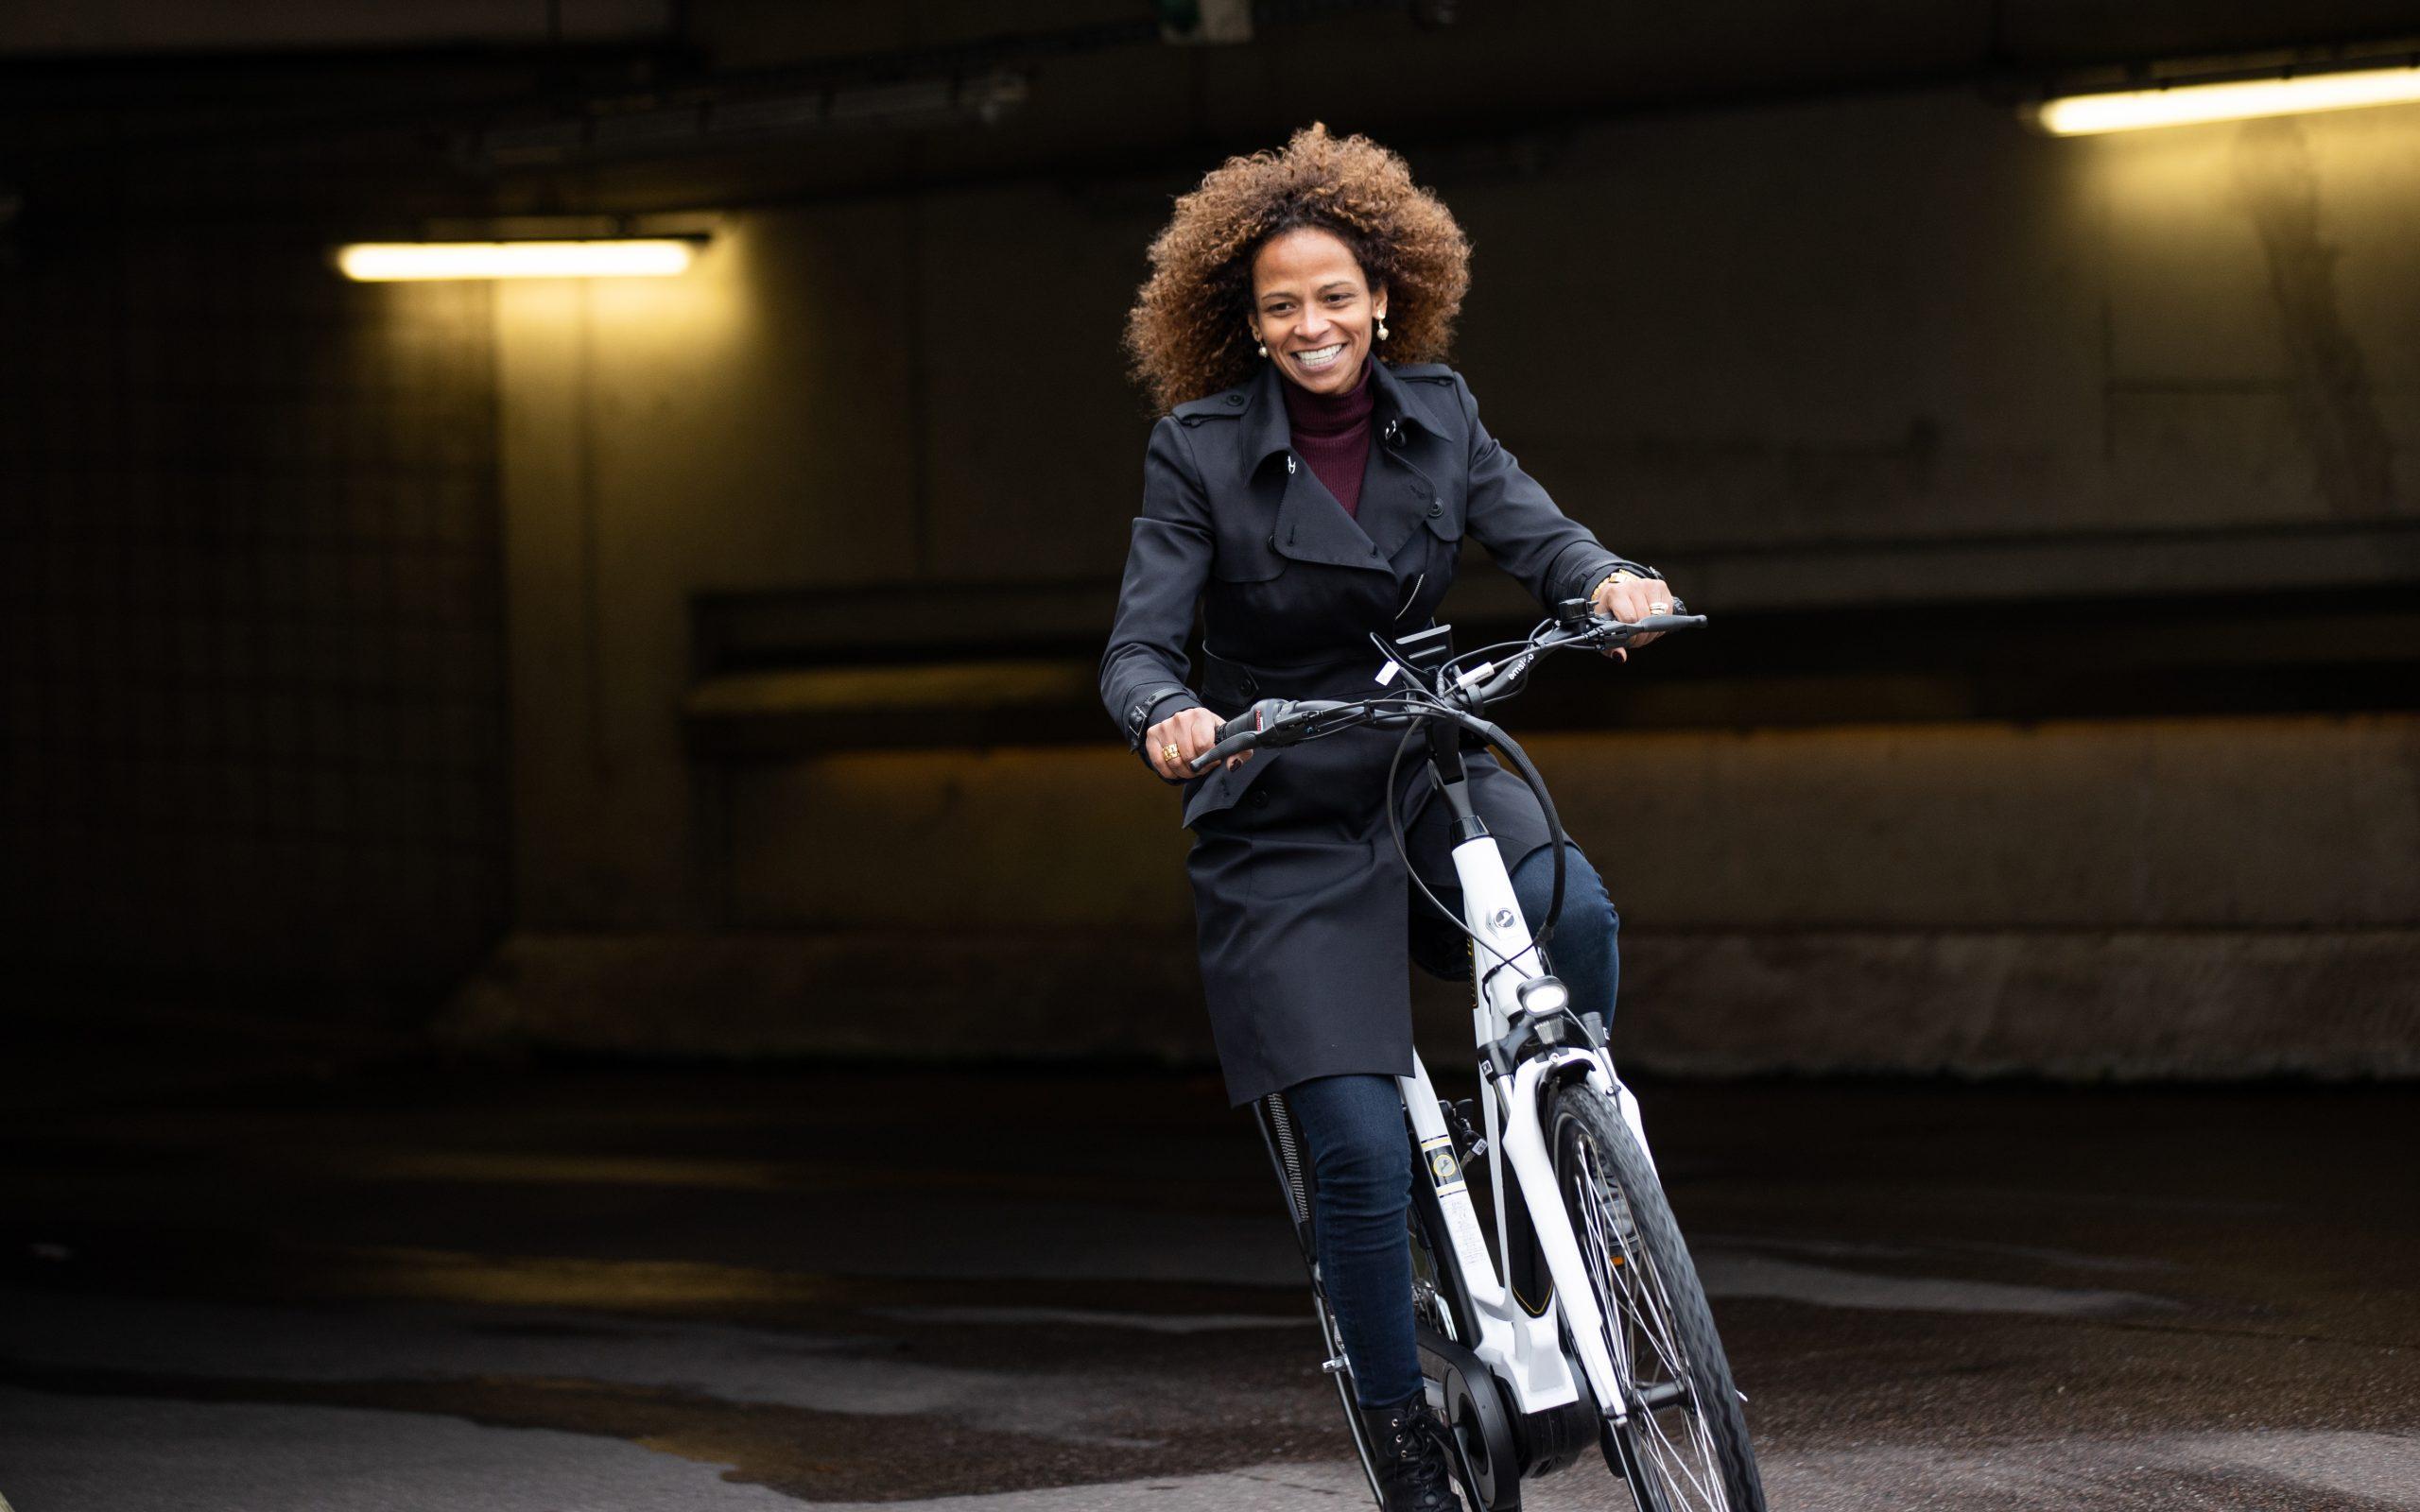 Elektrische fiets de voordelen